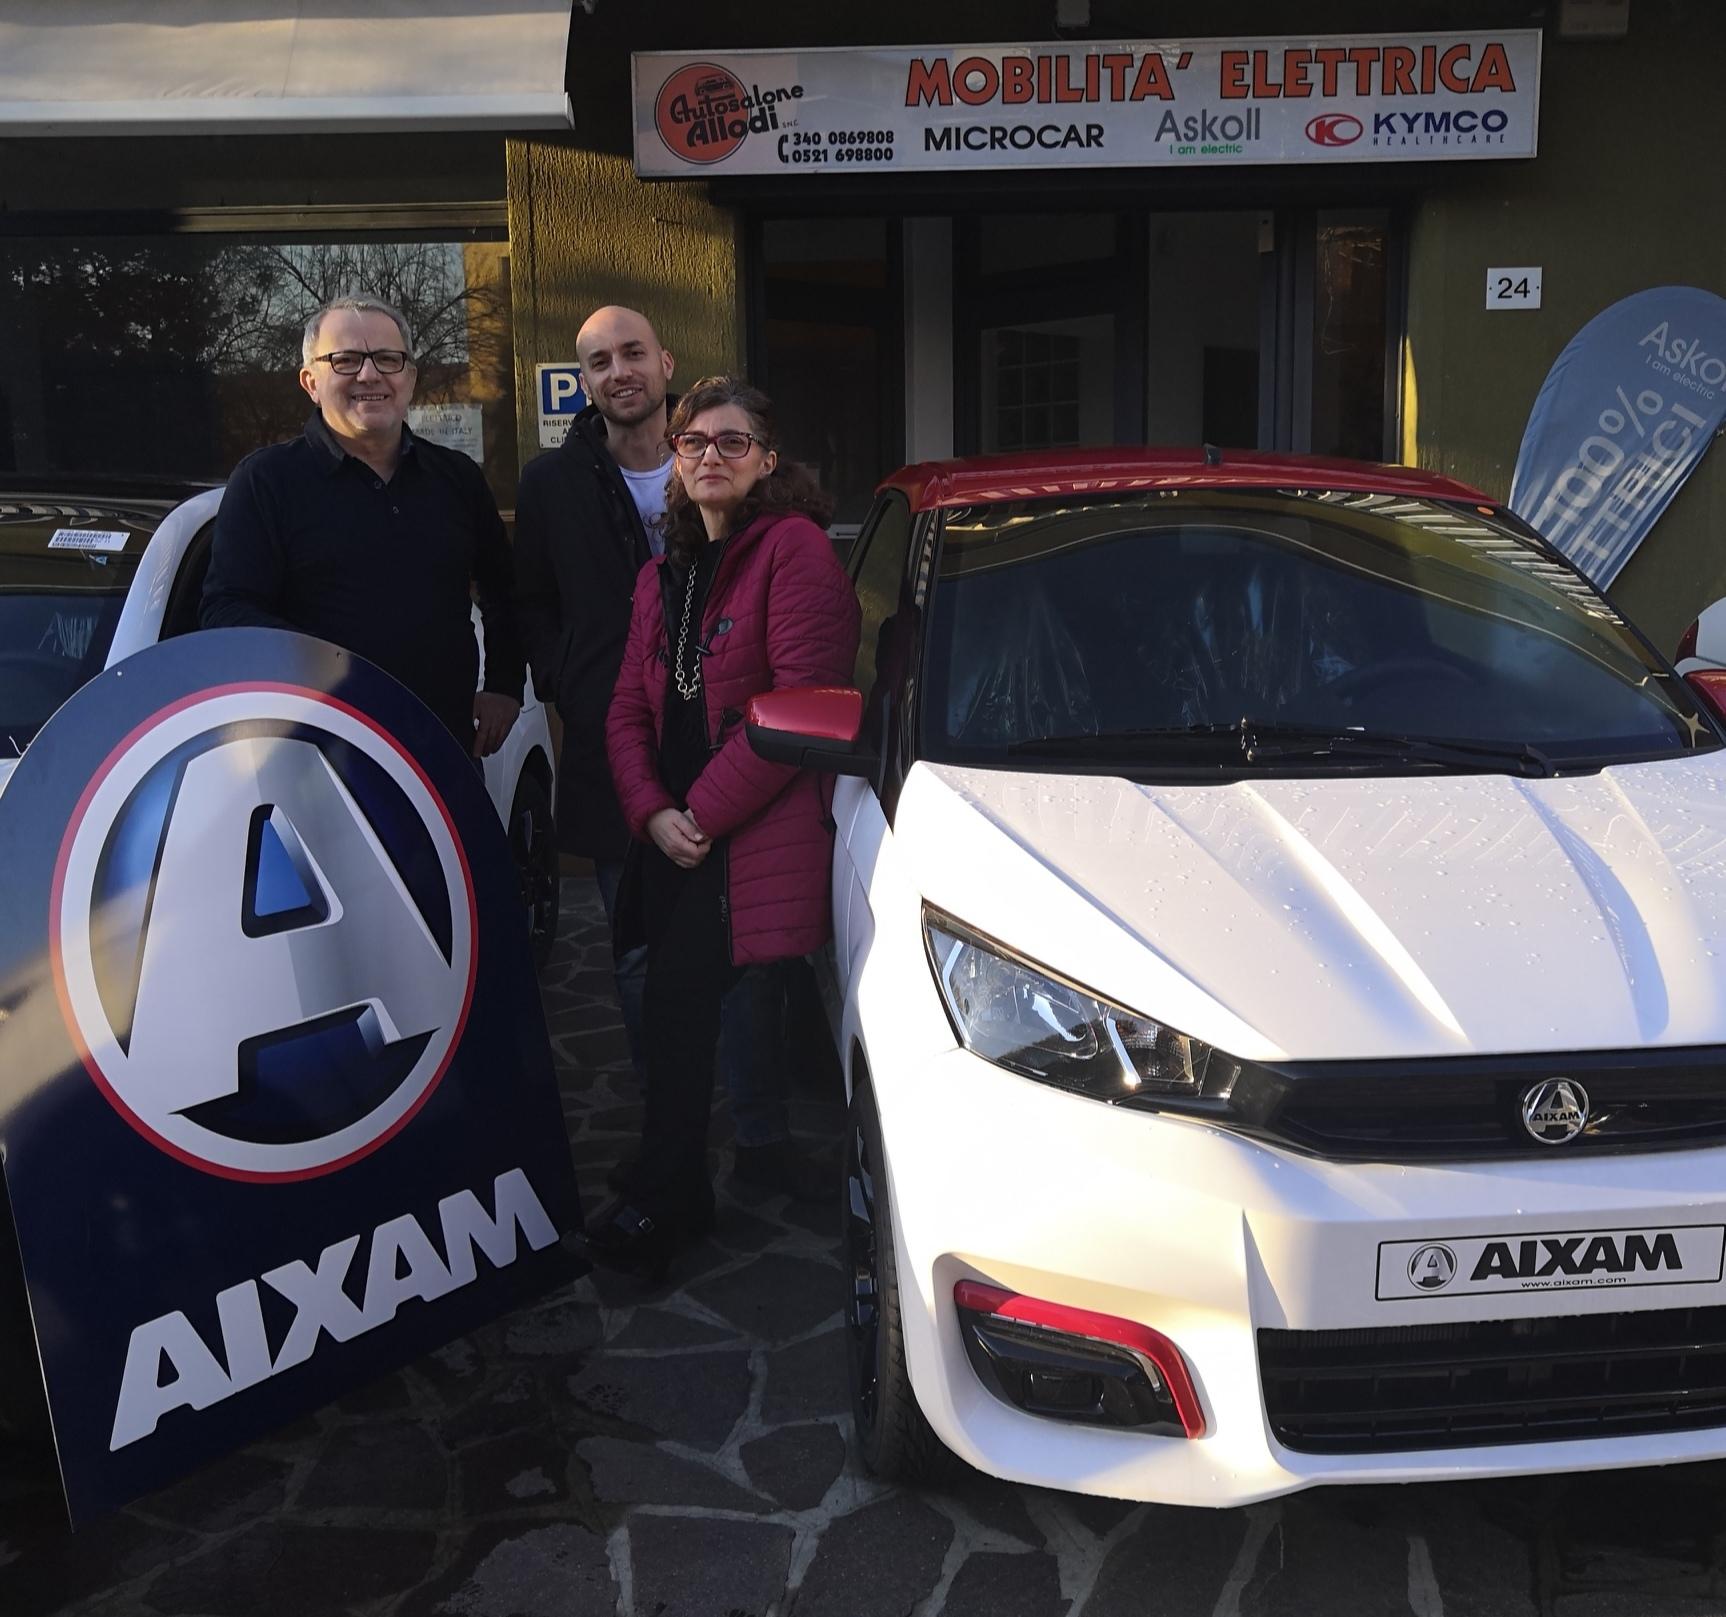 Minicar-Aixam-Allodi-Parma-1